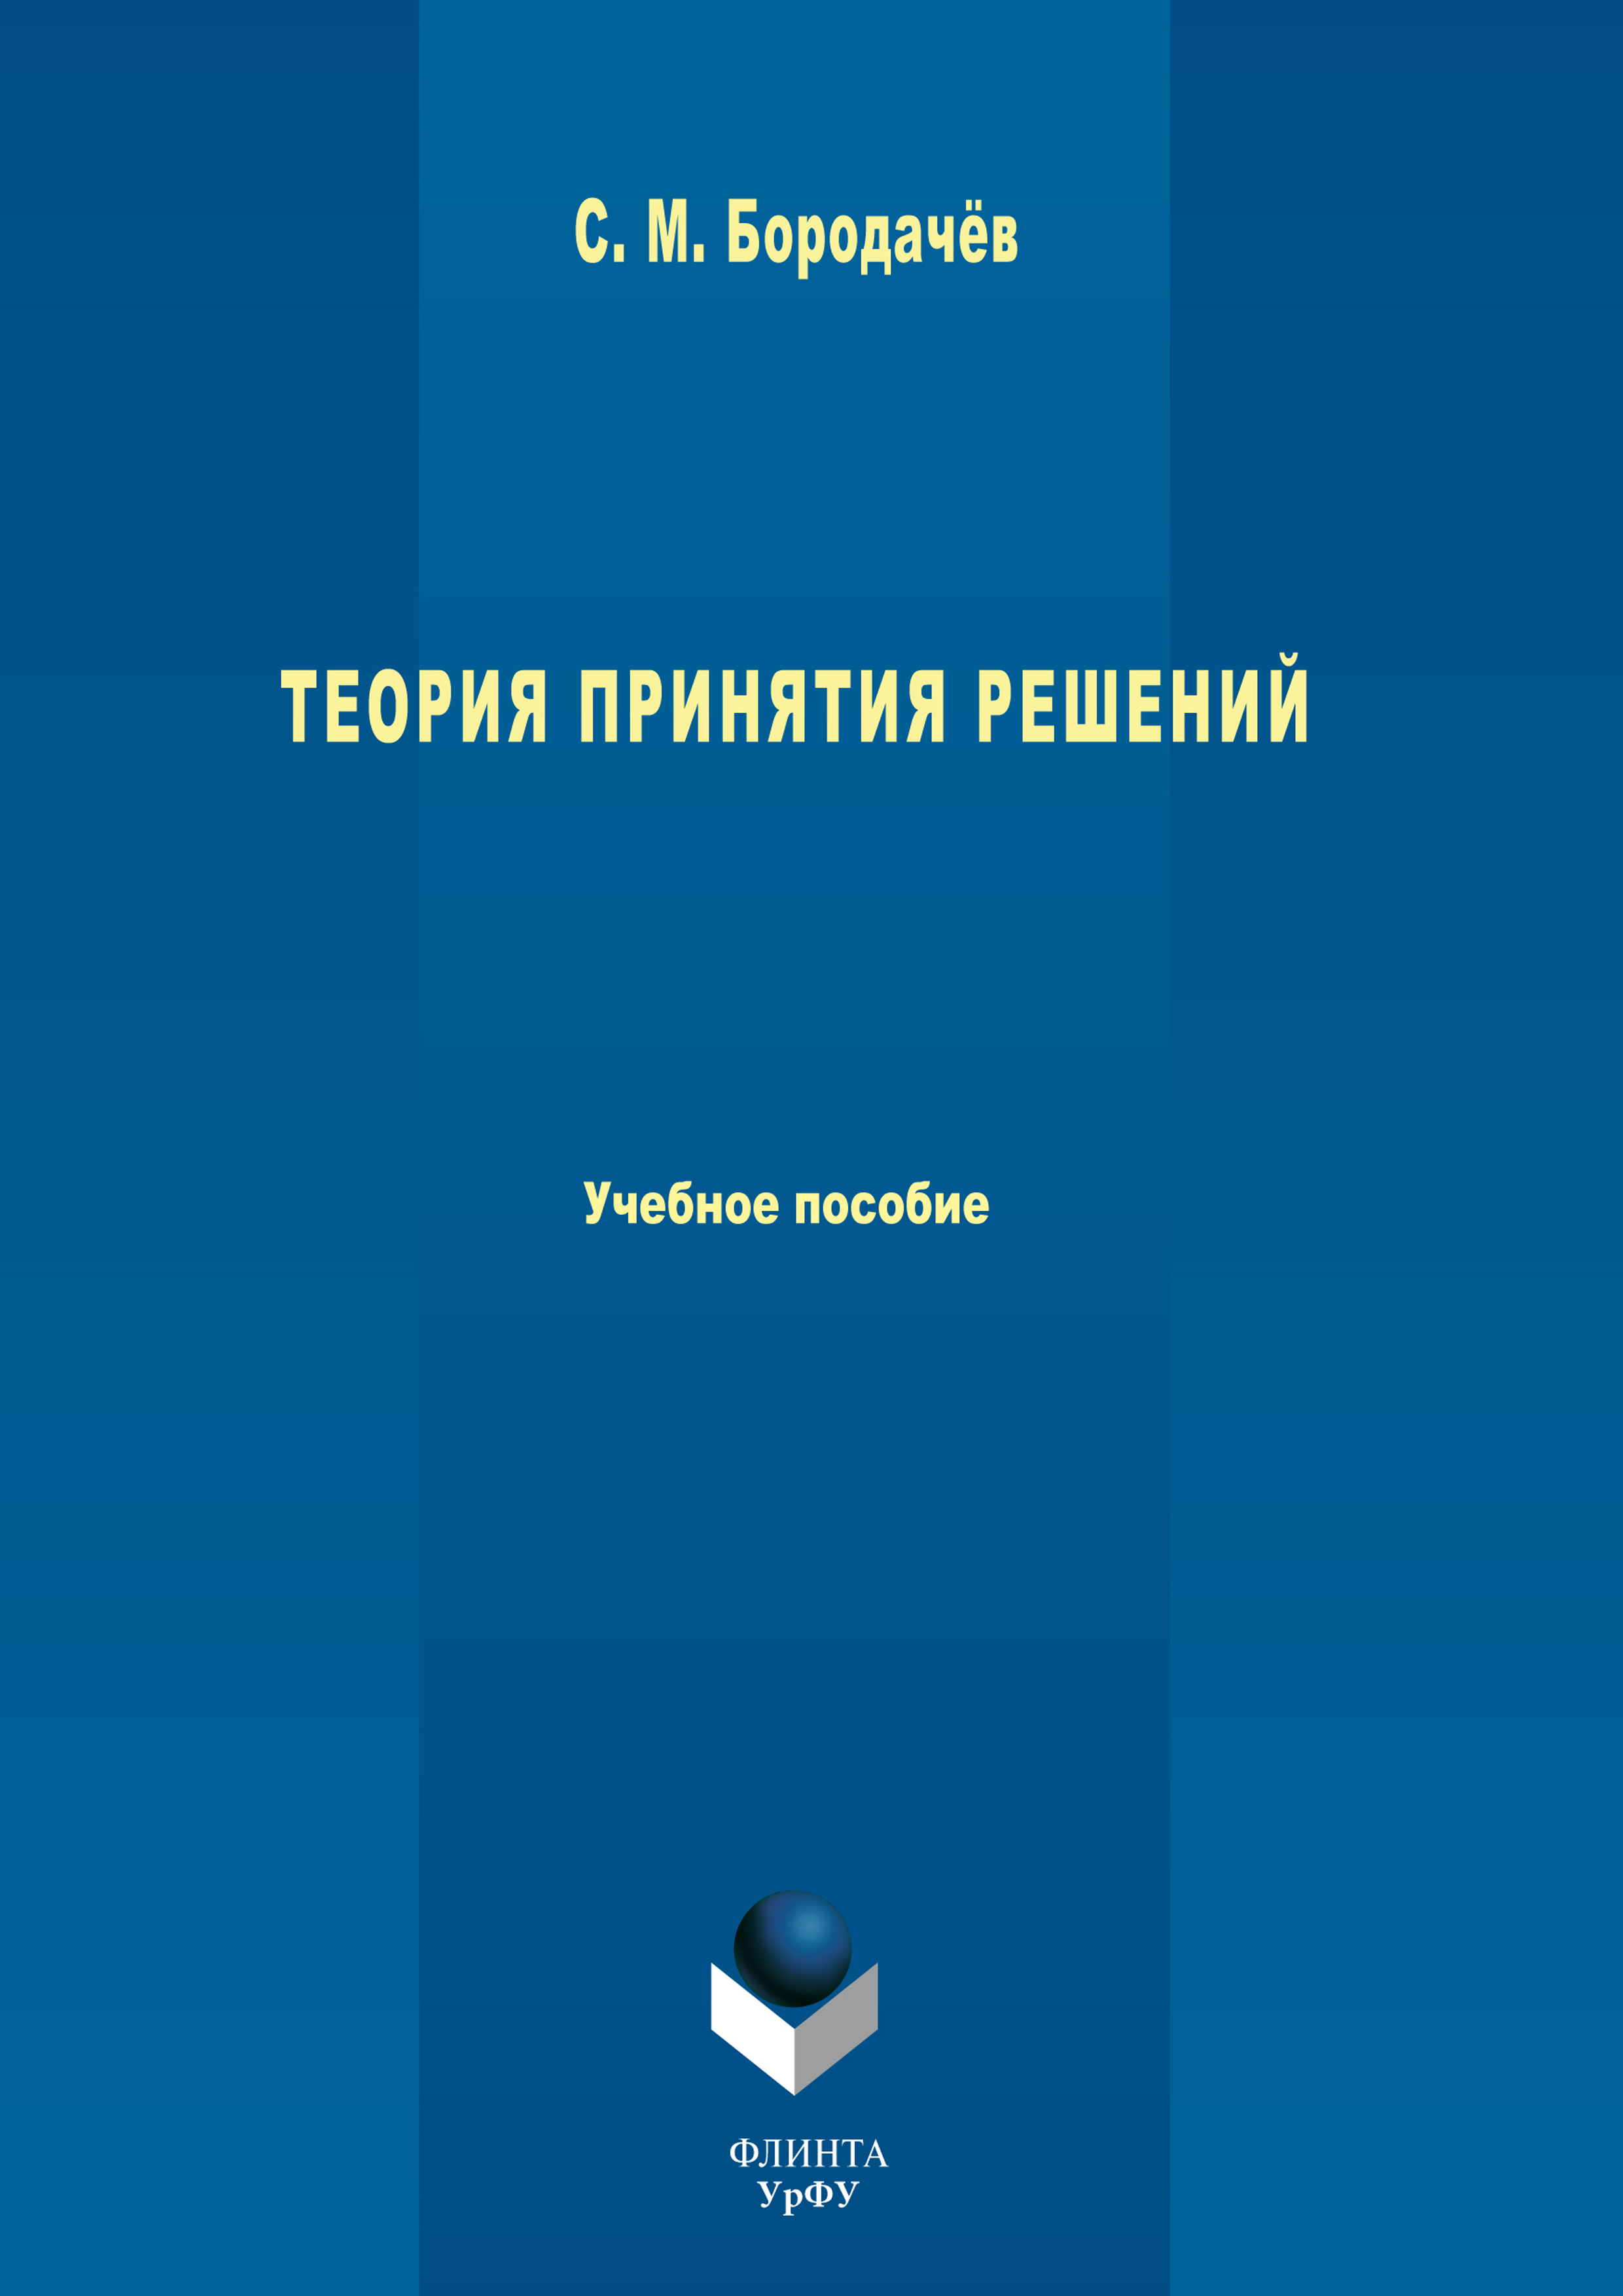 С. М. Бородачёв Теория принятия решений. Учебное пособие